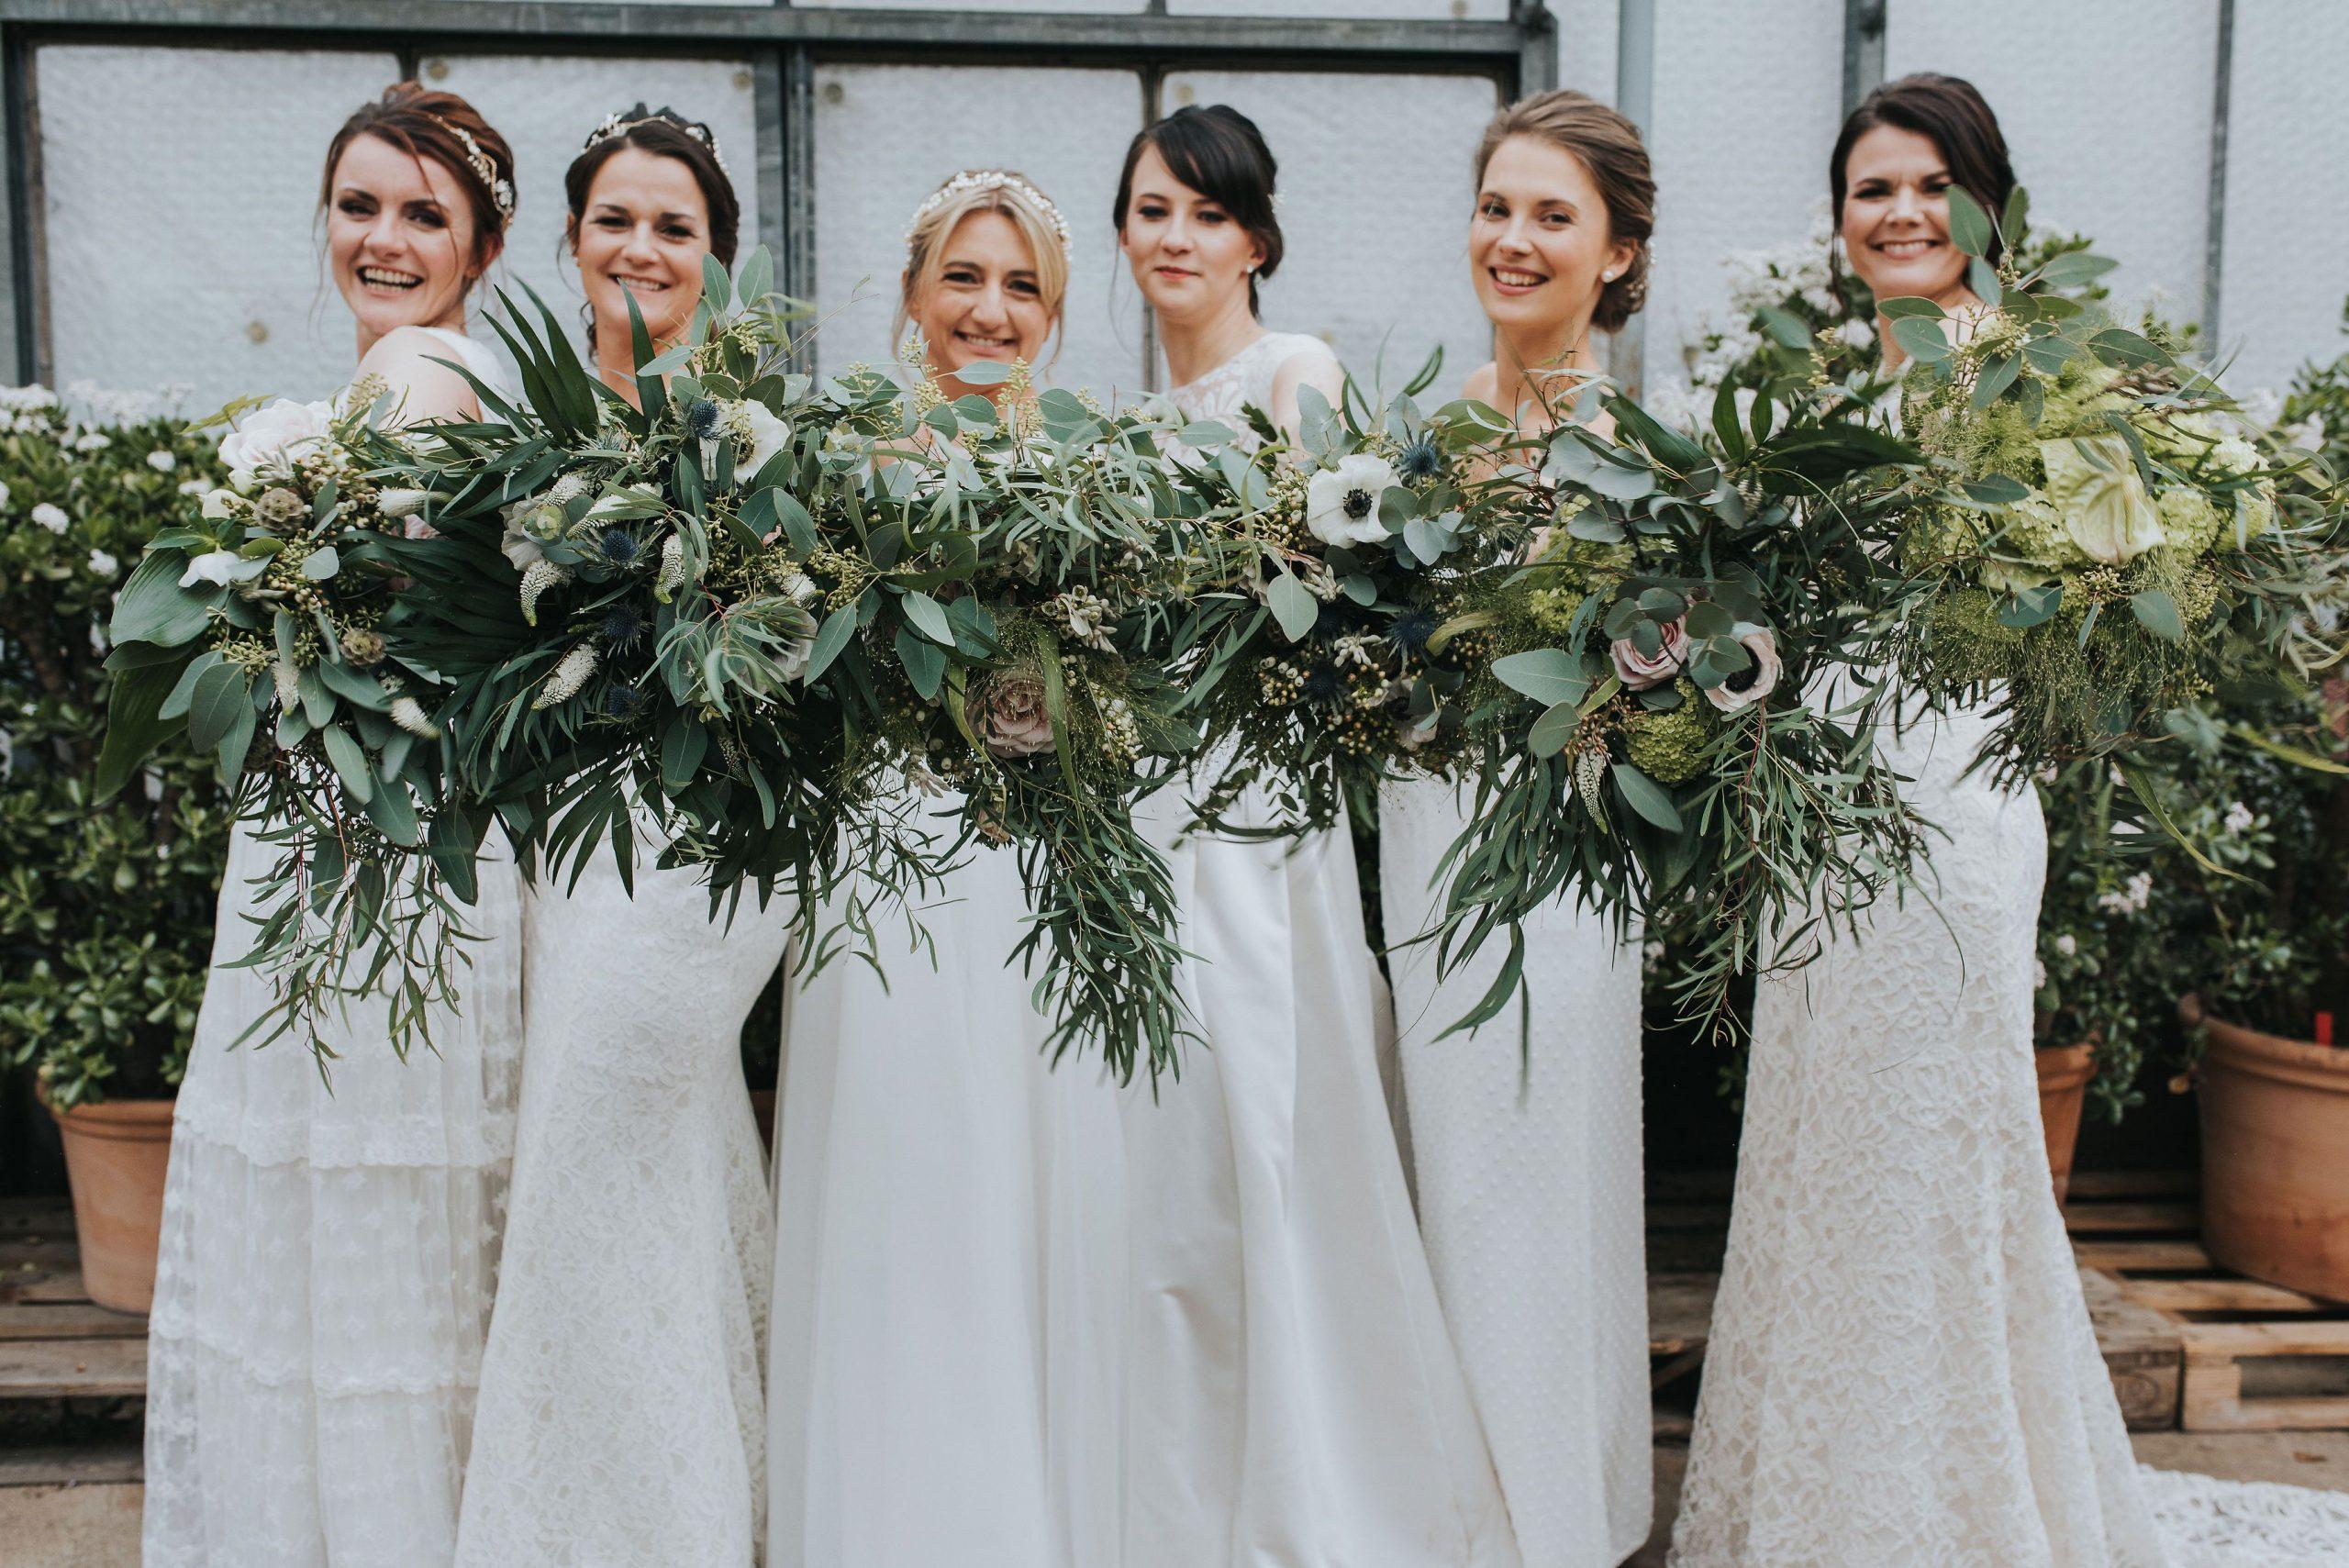 Hochzeit Im Gewächshaus - Greenery Wedding | Hochzeit